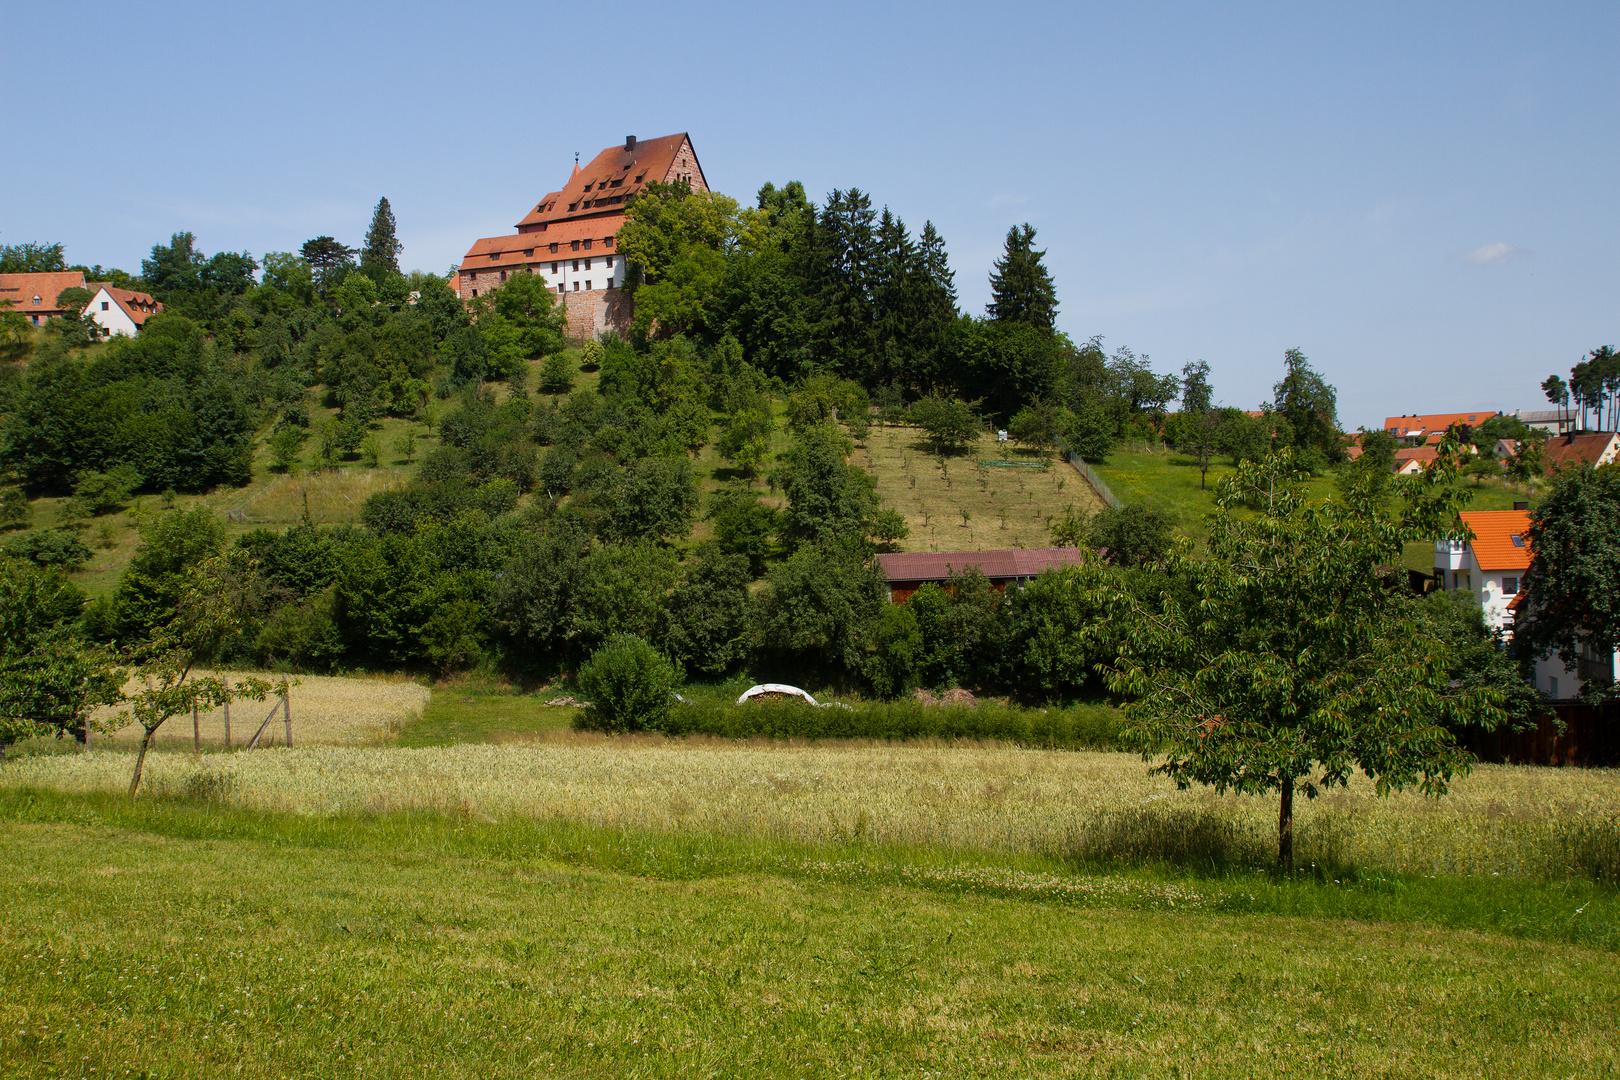 Burg Wernfels Impressionen (14)